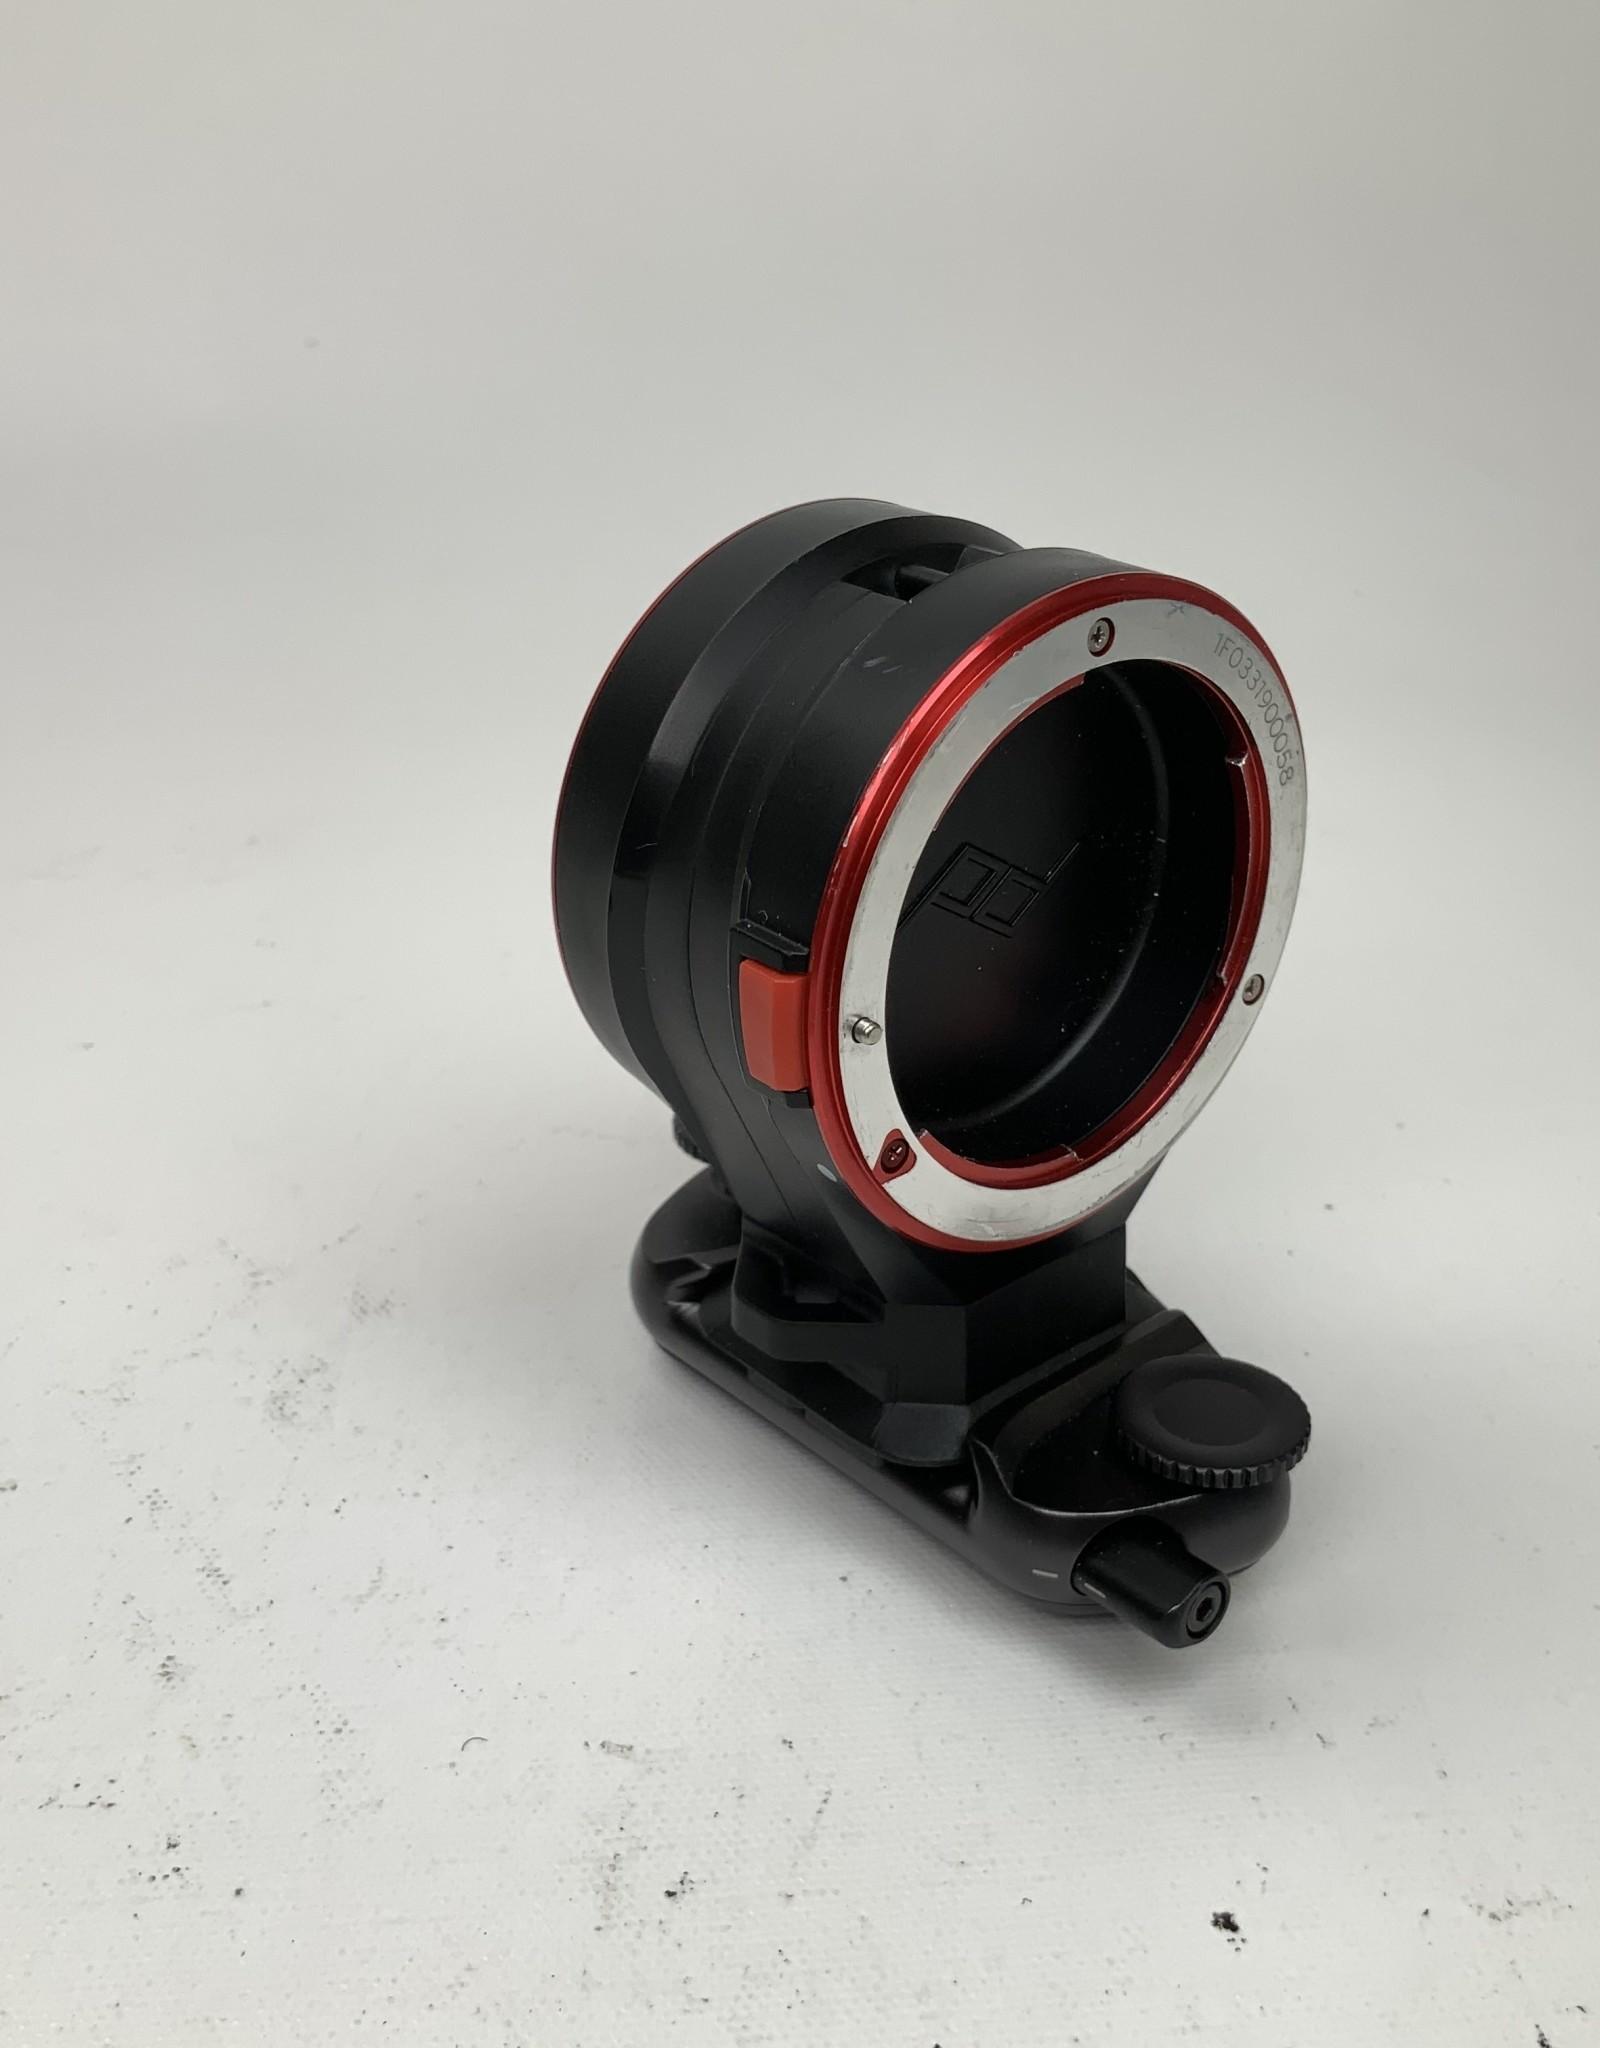 Peak Design Lens for Nikon Used EX